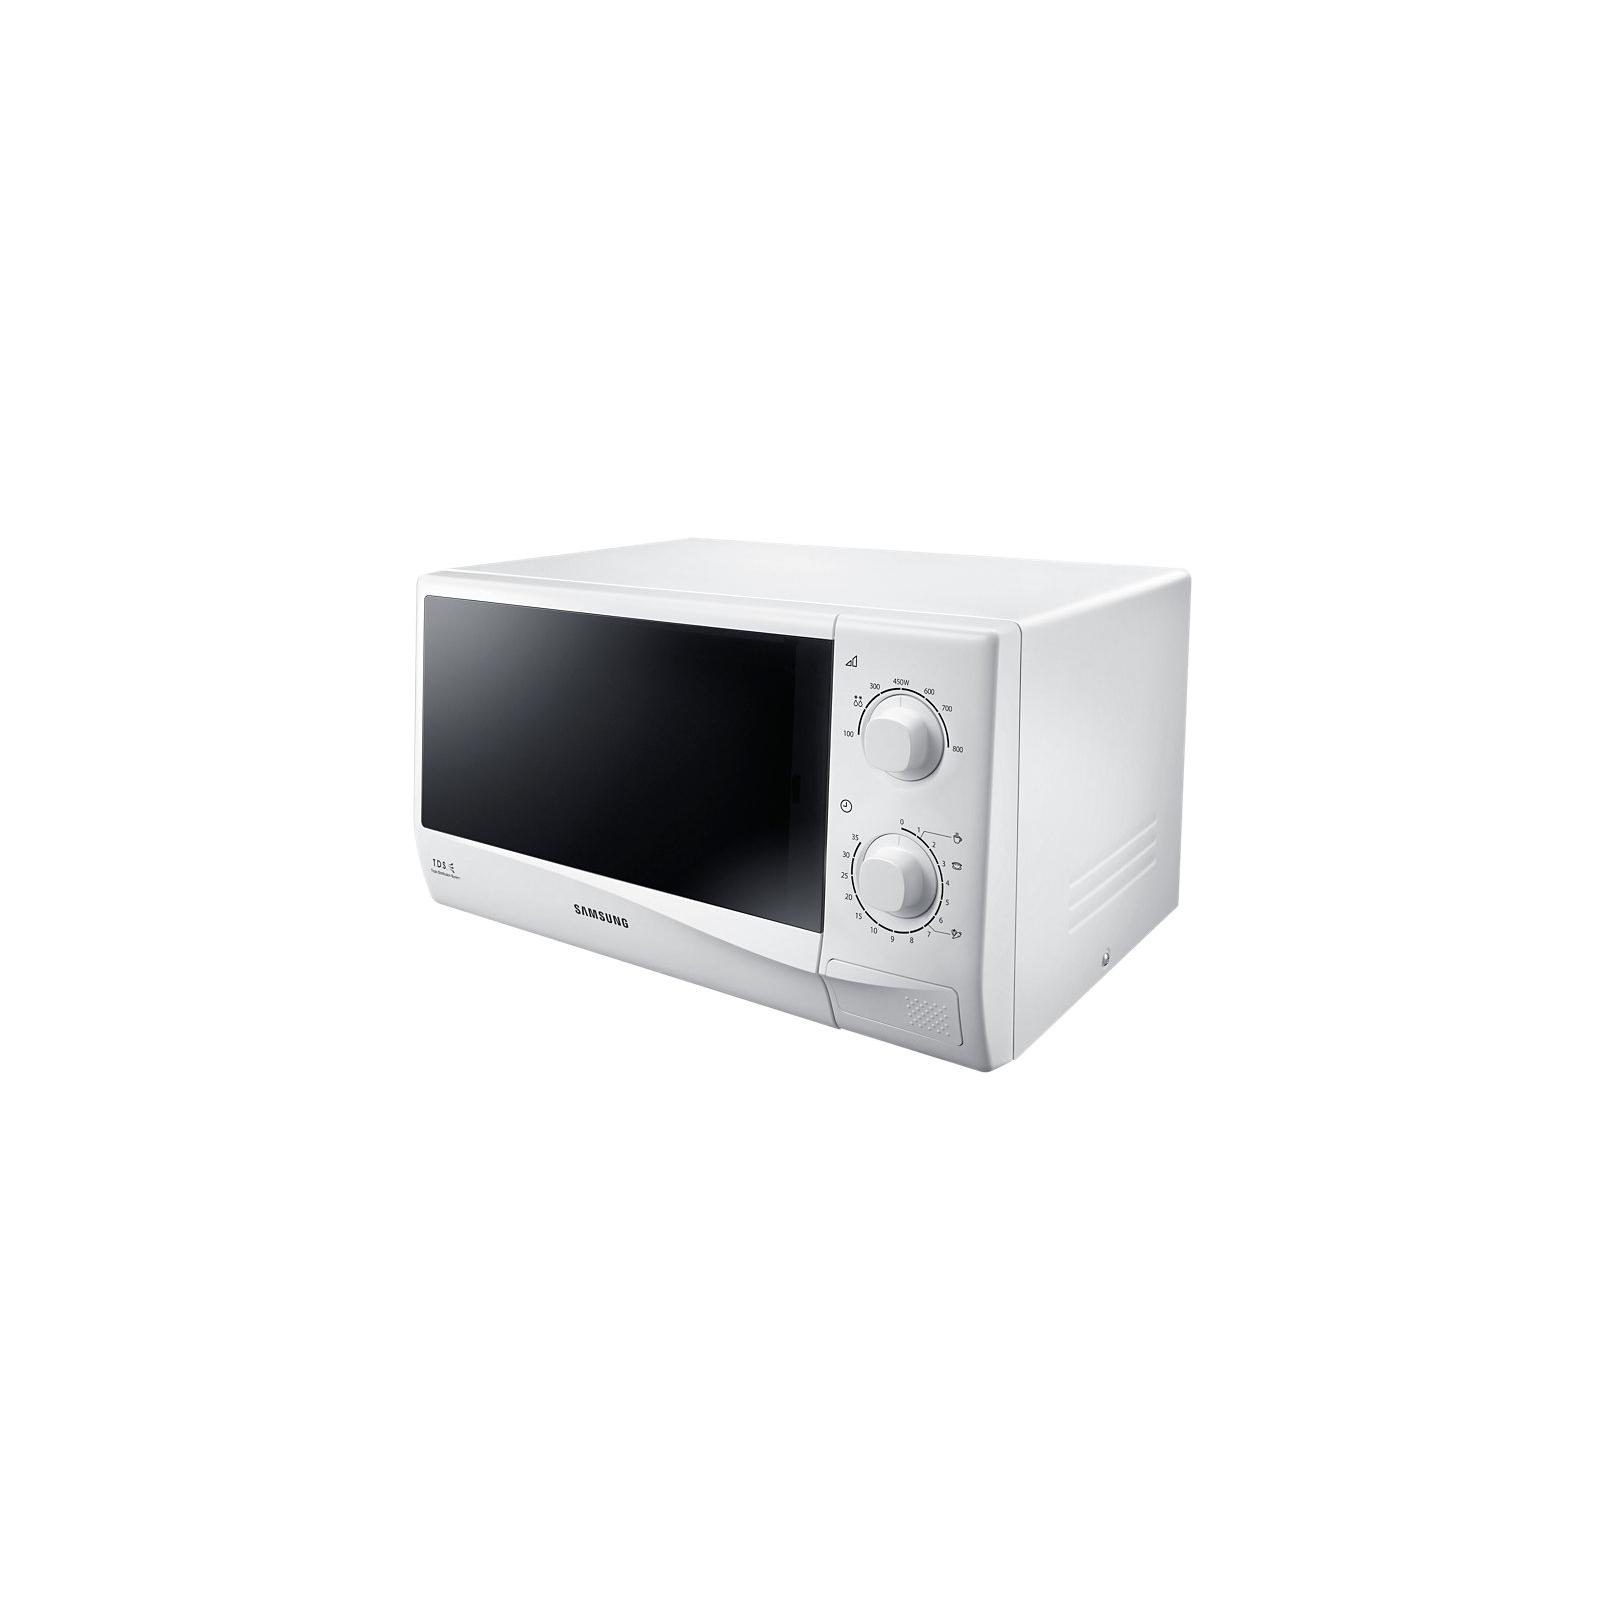 Микроволновая печь Samsung ME81KRW-2/BW изображение 3